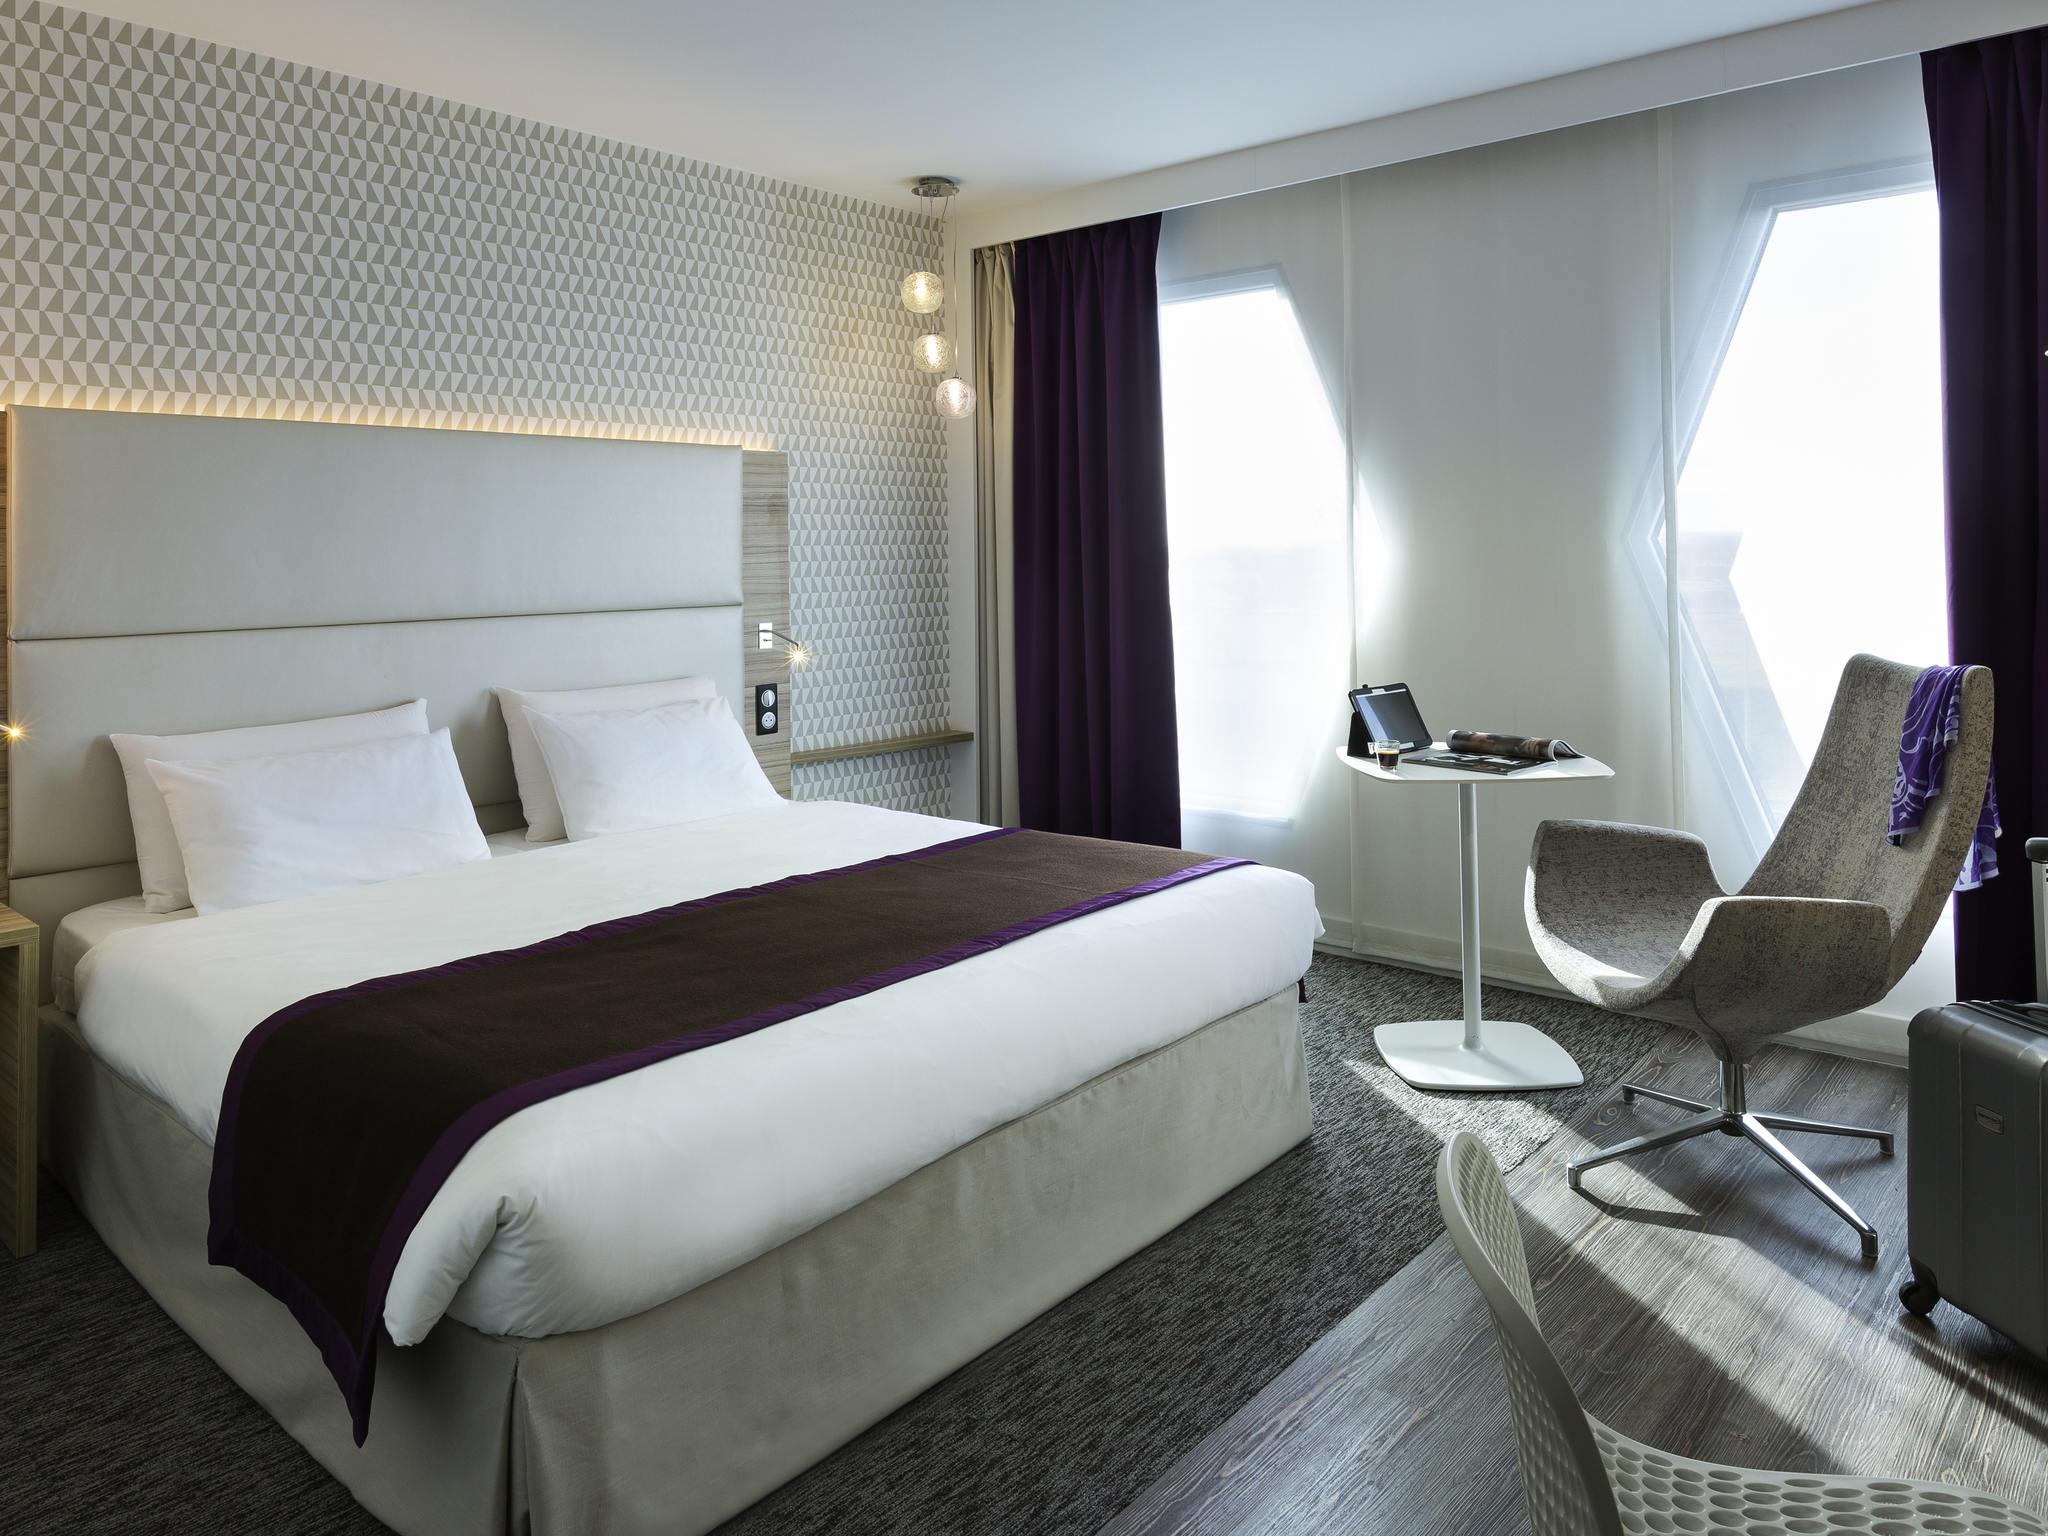 Hôtel - Hôtel Mercure Paris Orly Rungis Aéroport